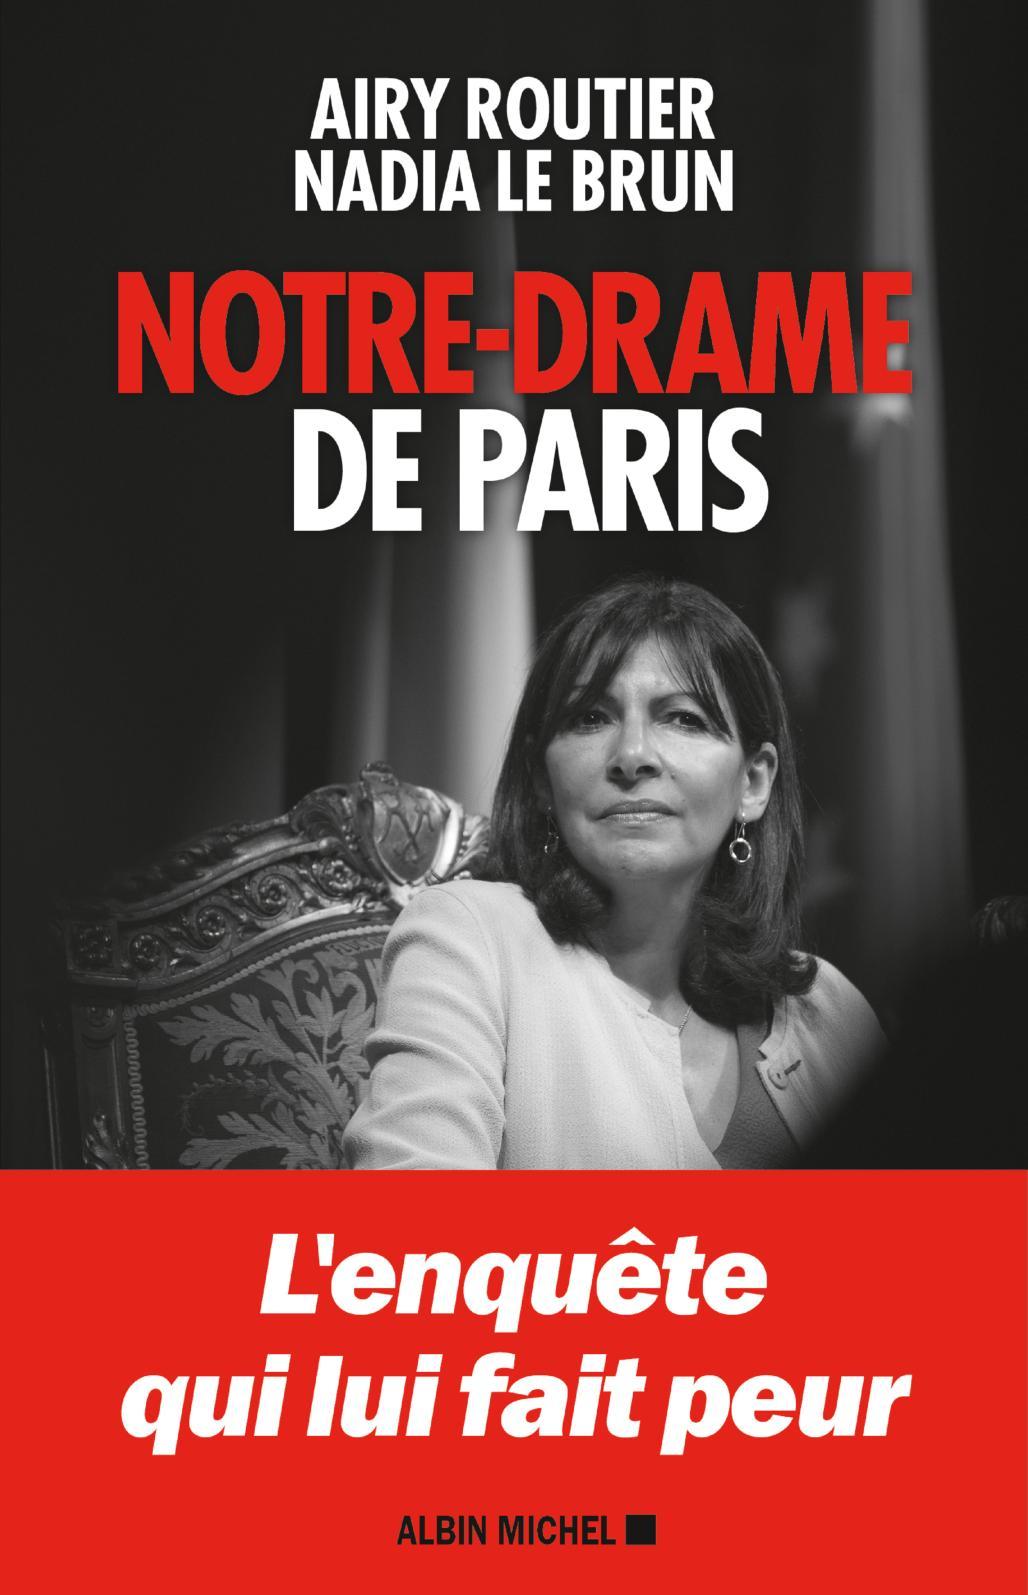 EXTRAIT | Notre-Drame de Paris - Airy Routier & Nadia Le Brun